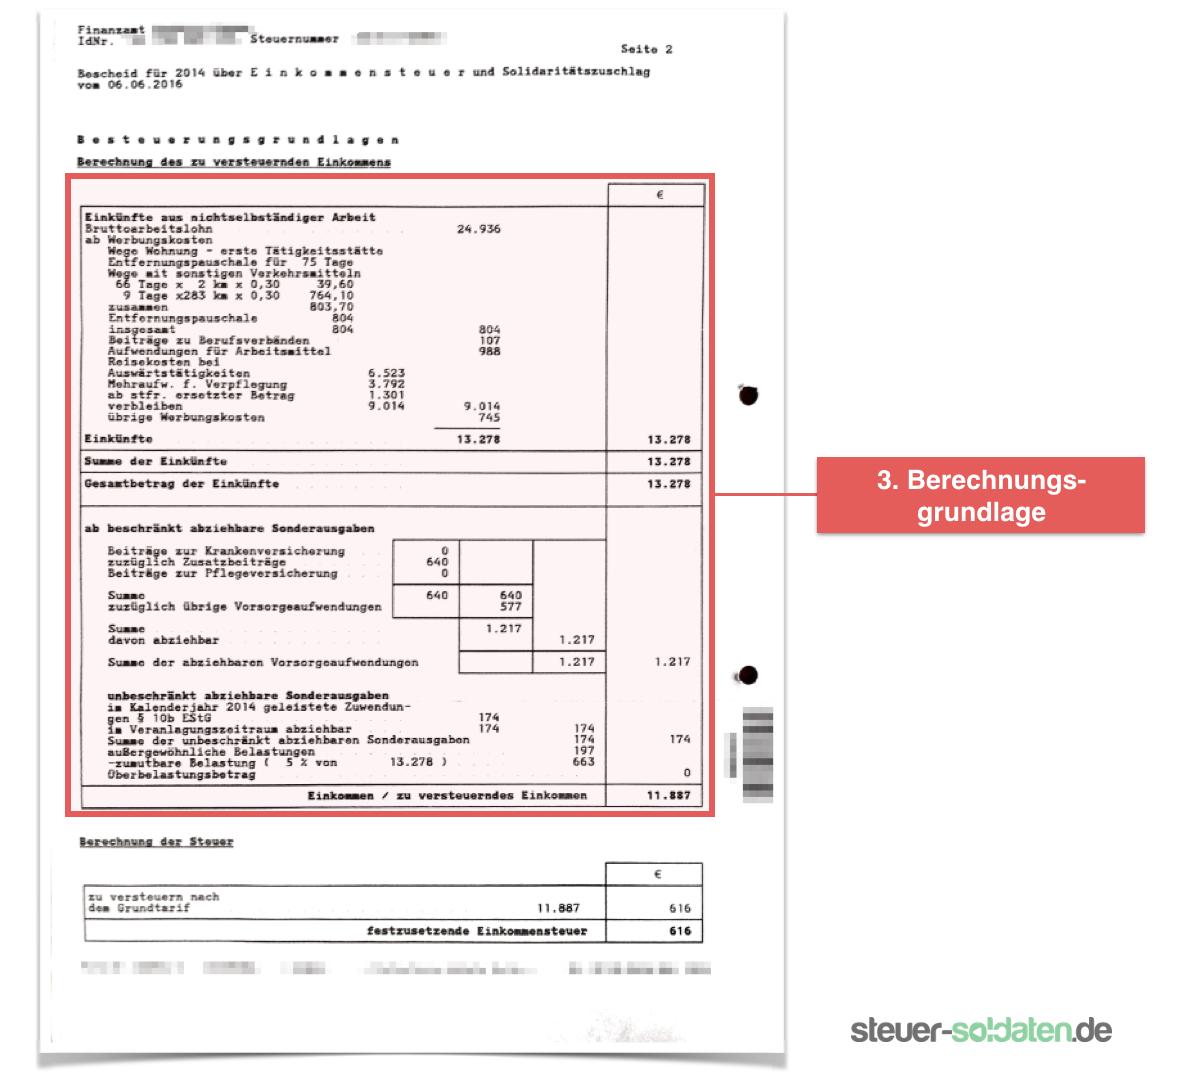 Steuererklärung Soldaten - Steuerbescheid richtig lesen